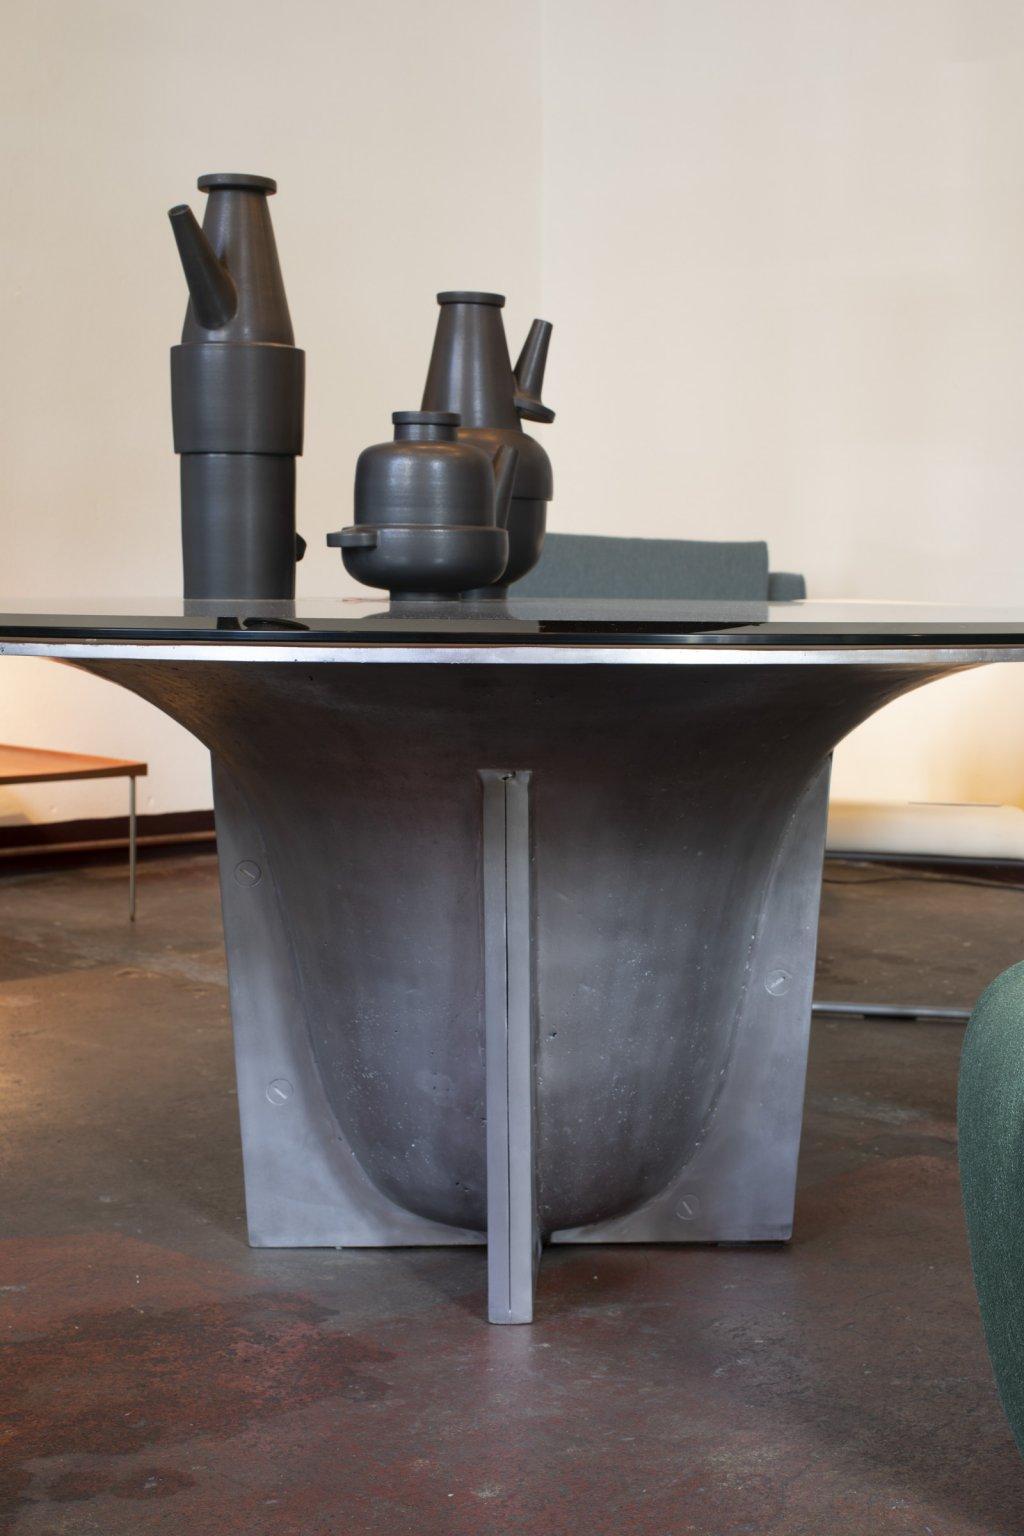 Orotundo dining table, dm: 160cm, solid aluminium, glass top, produced by AB M&E Ohlssens Klockgjuteri & Glen Baghurst, designed by Glen Baghurst